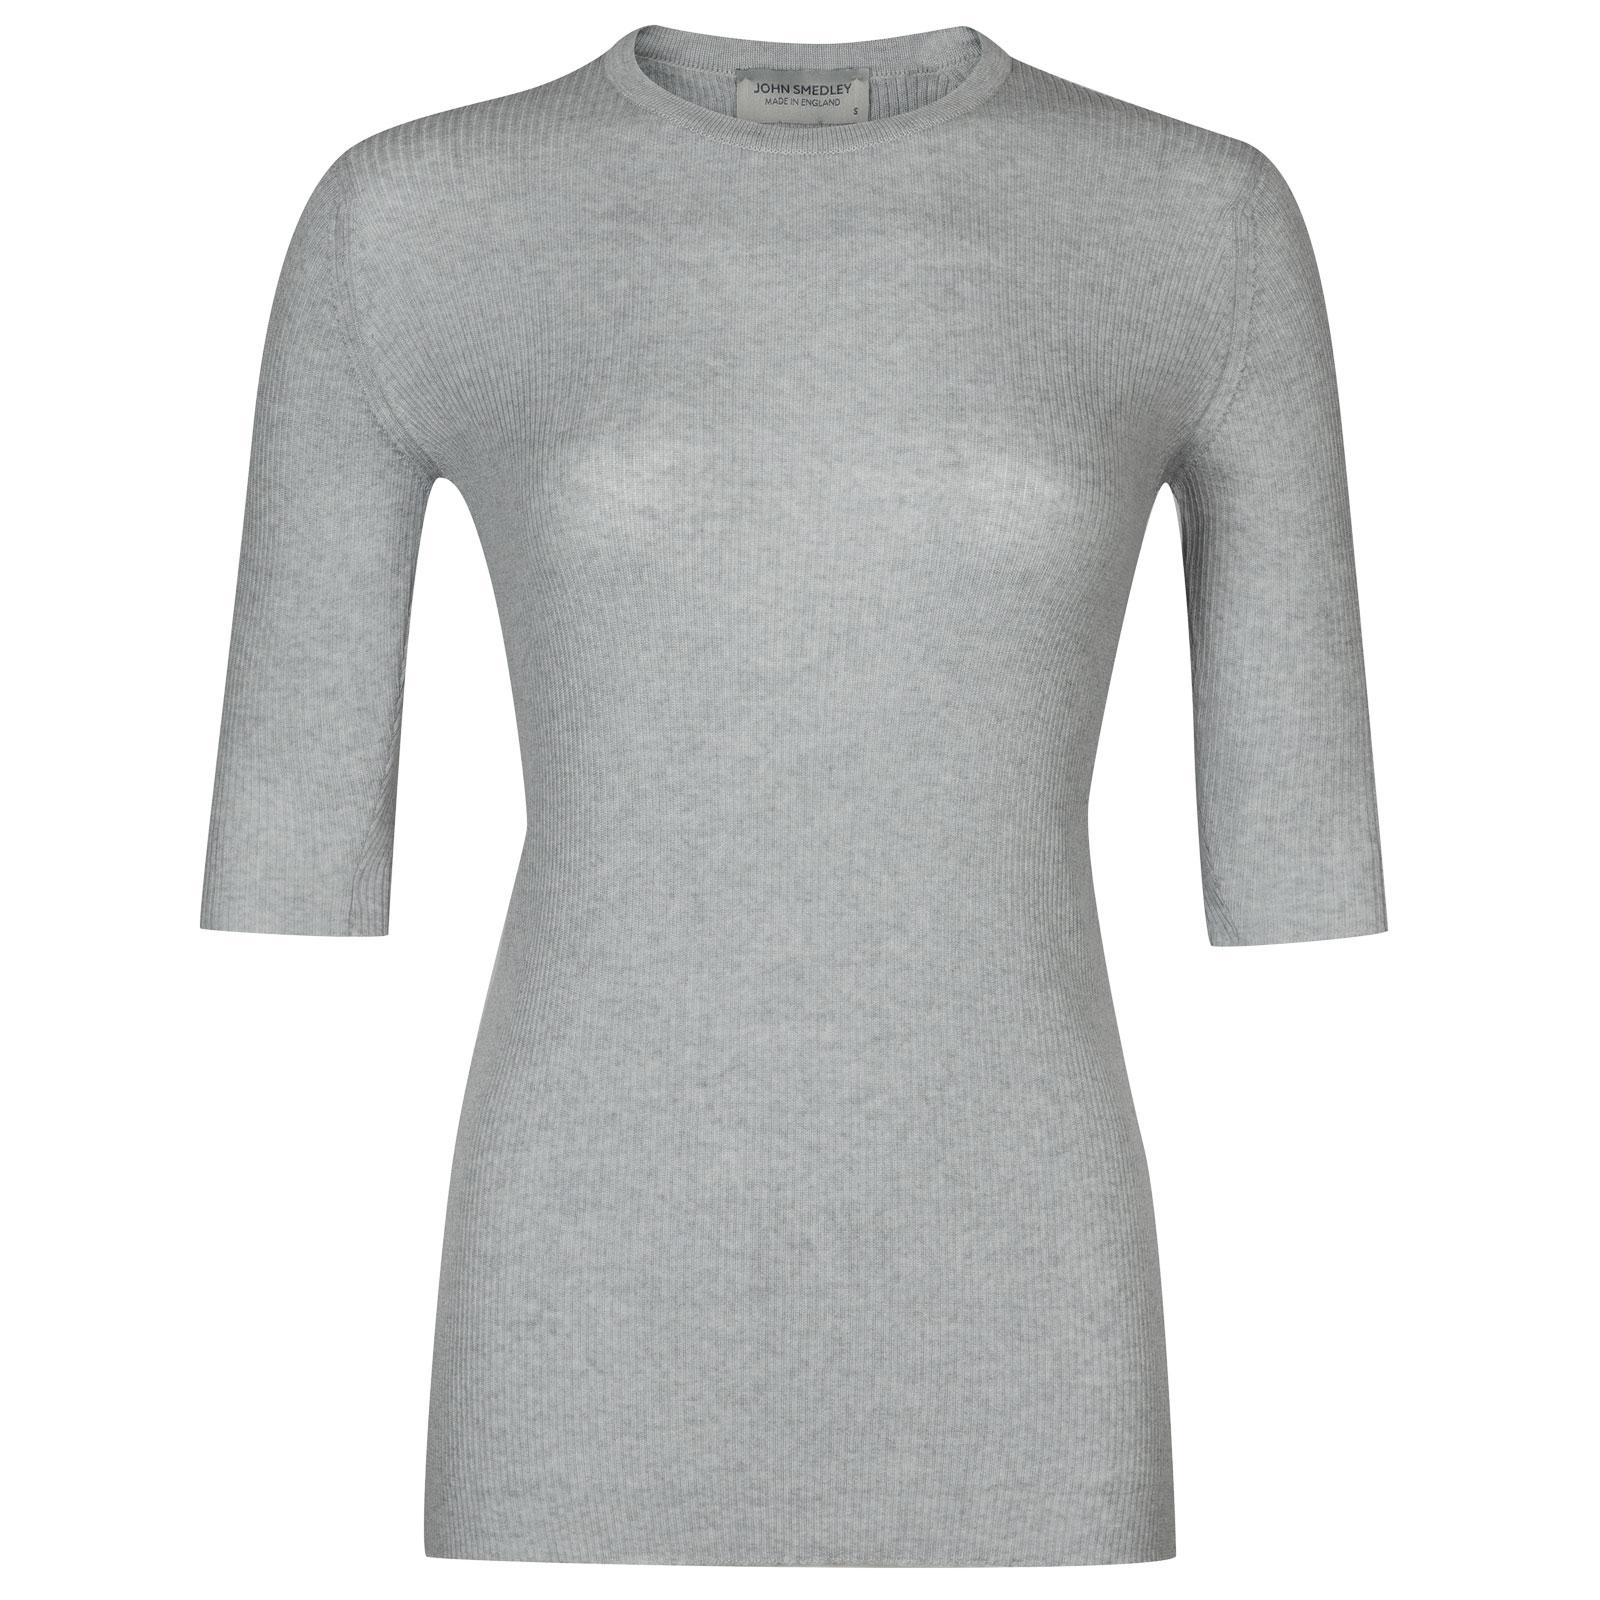 John Smedley wilis Merino Wool Sweater in Bardot Grey-M